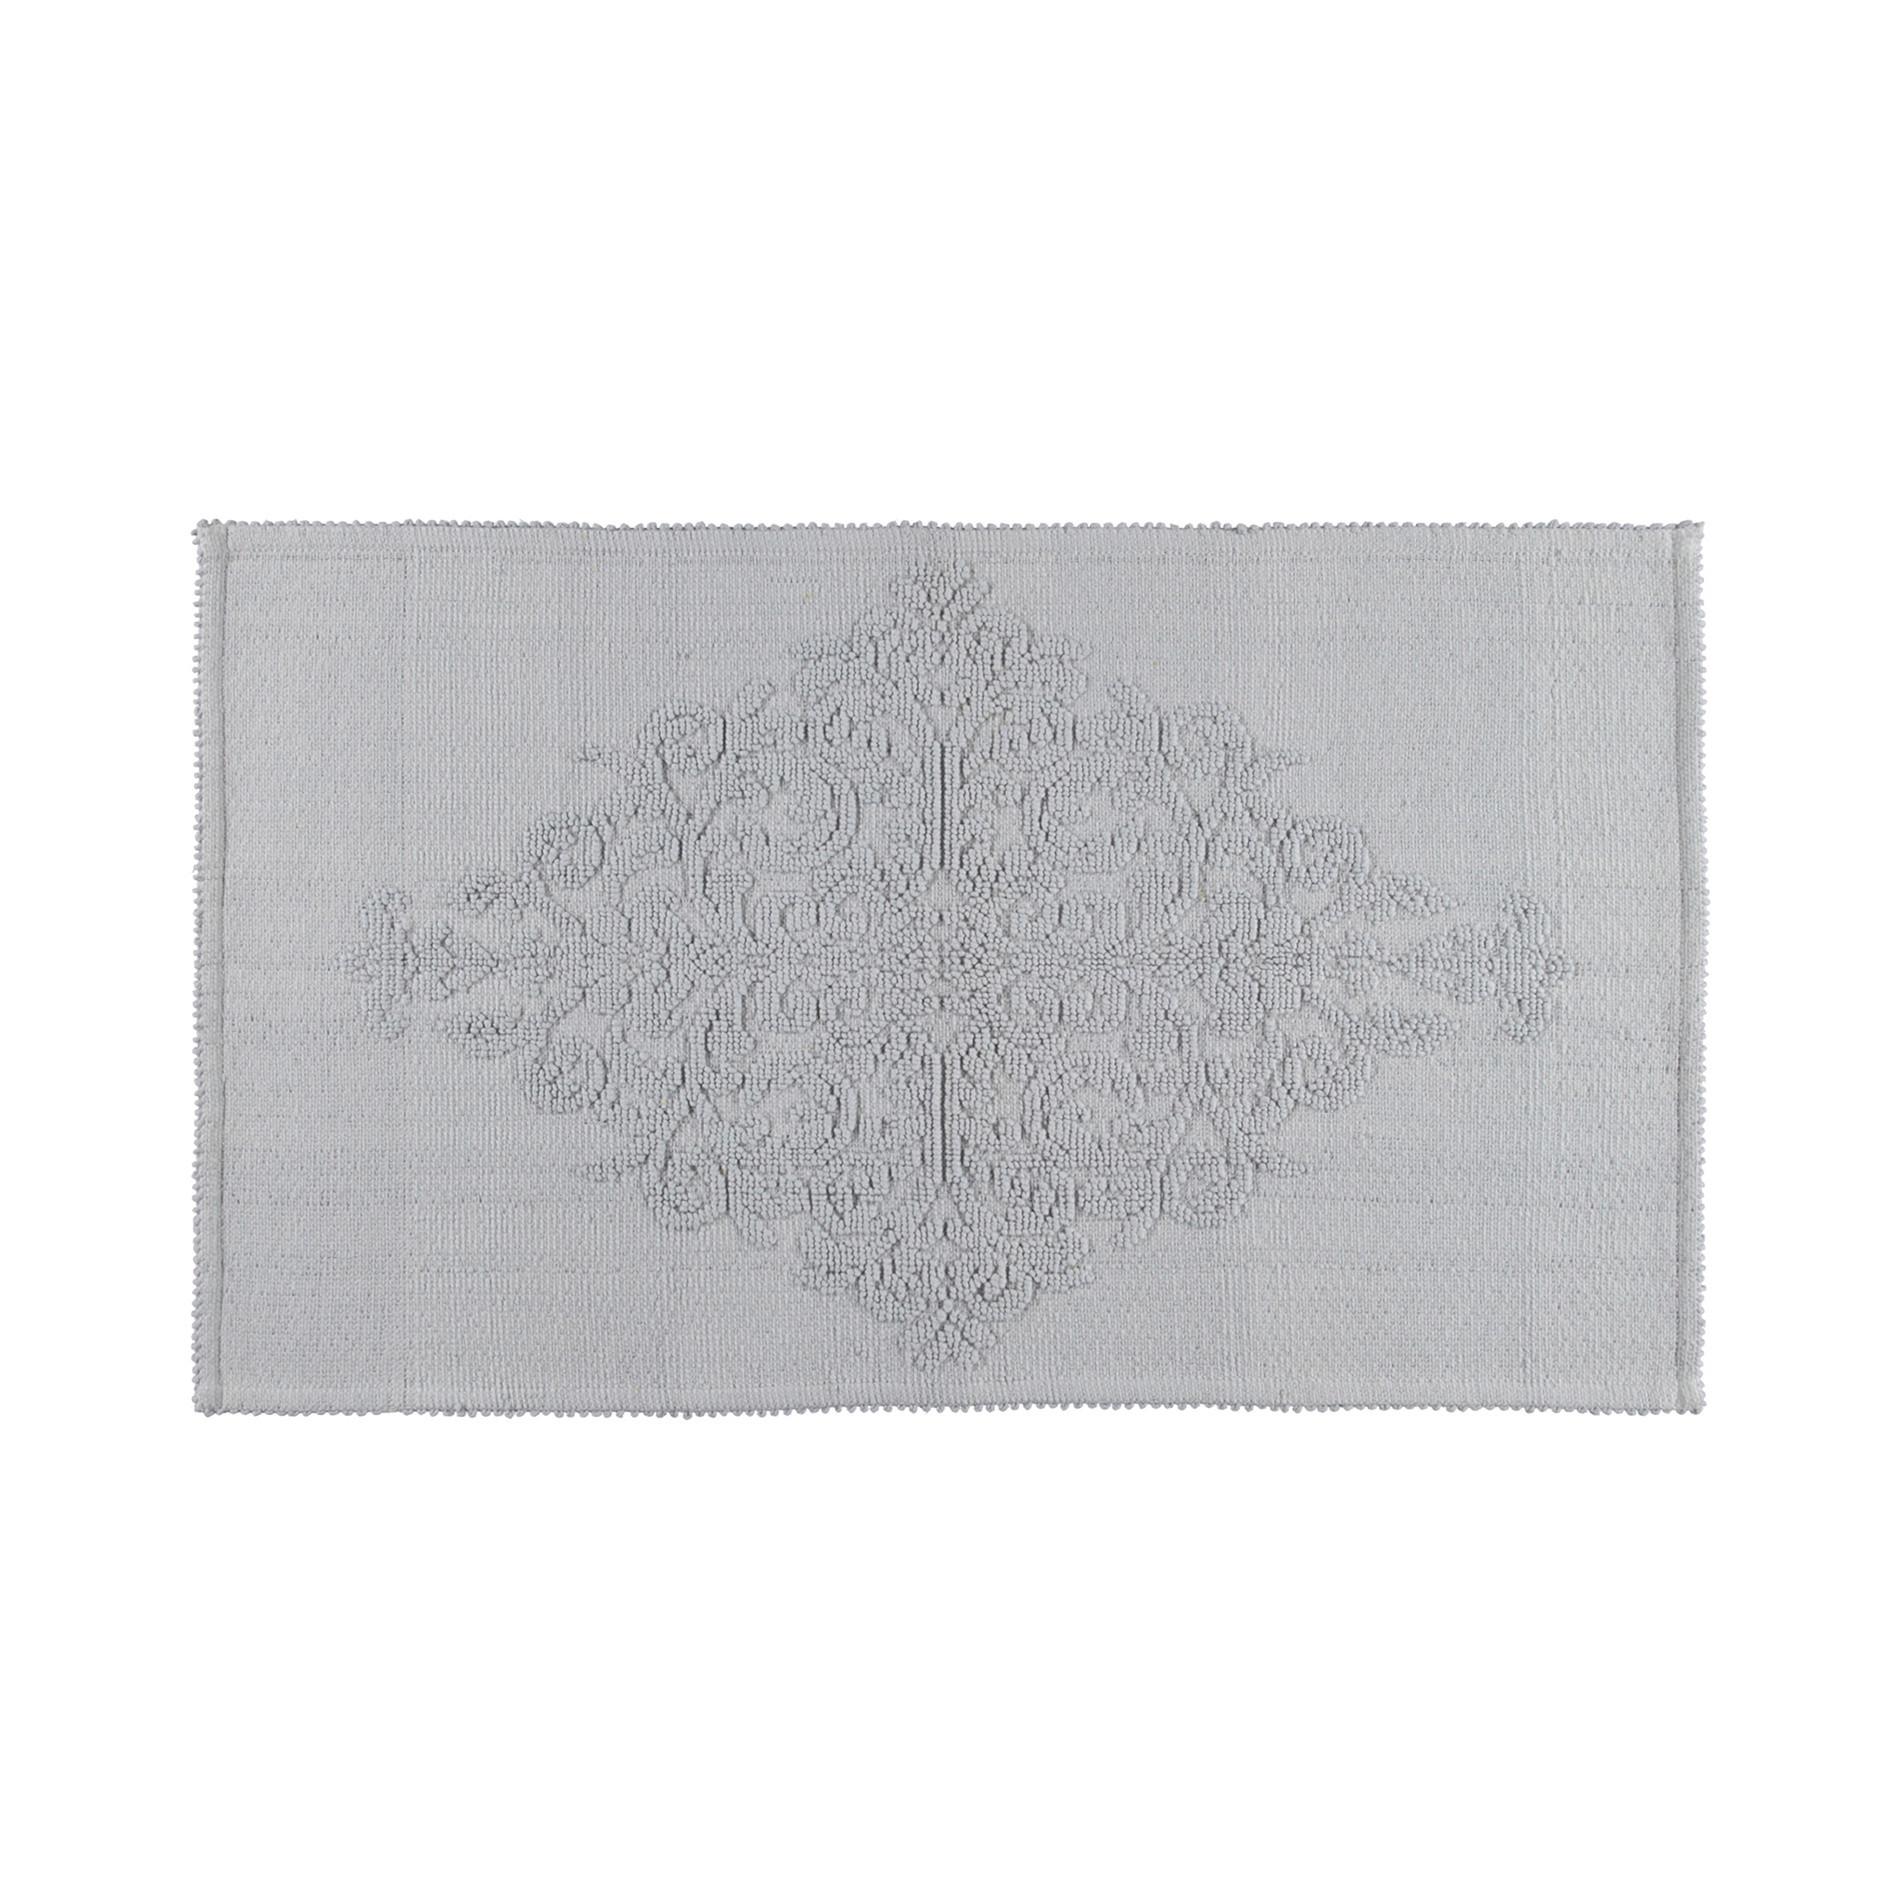 Tappeto bagno con decorazione a rilievo, Grigio, large image number 0